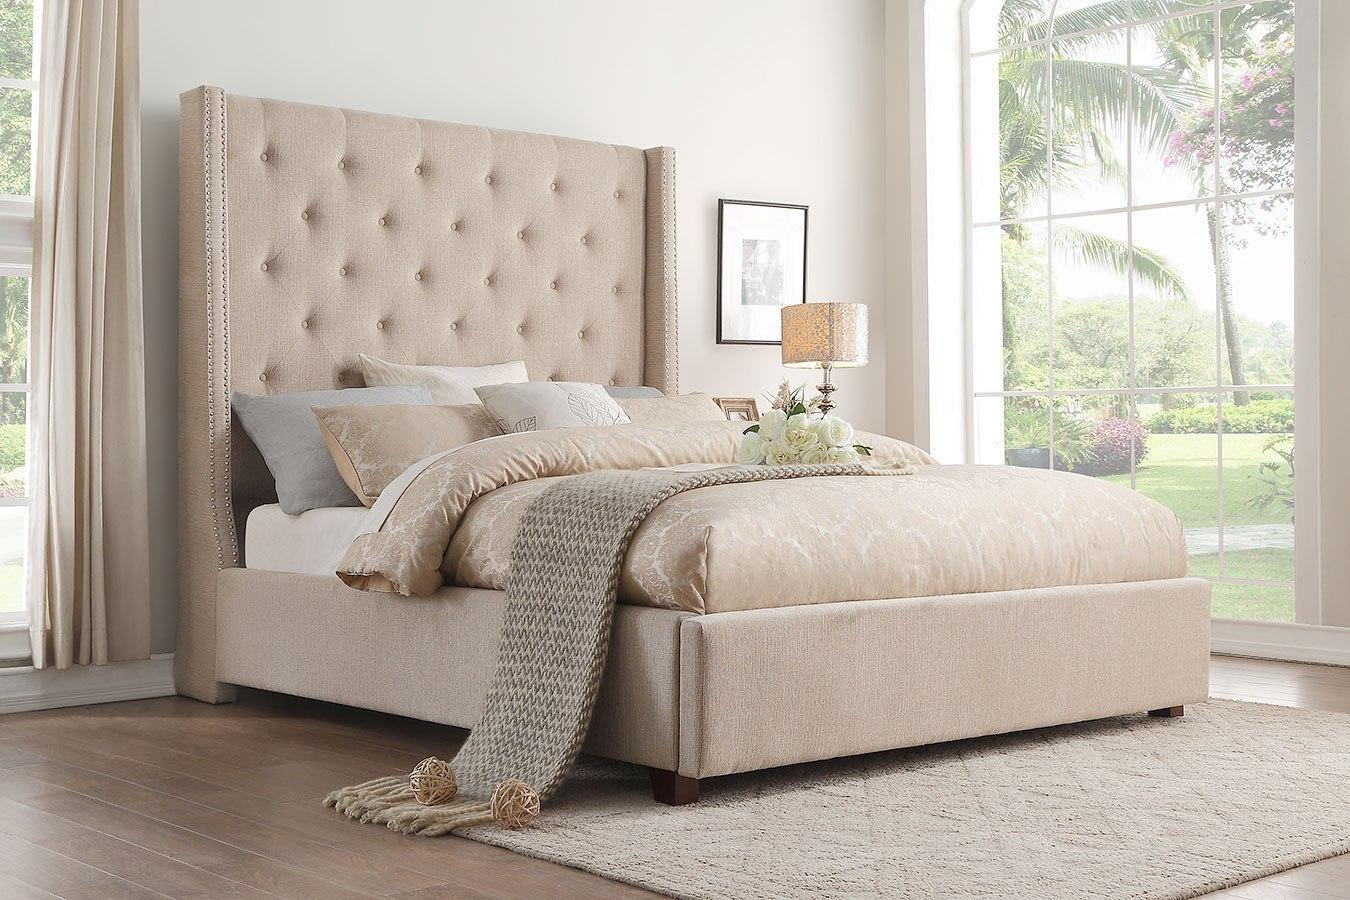 Fairborn Beige Upholstered Bed Homelegance Furniture Cart